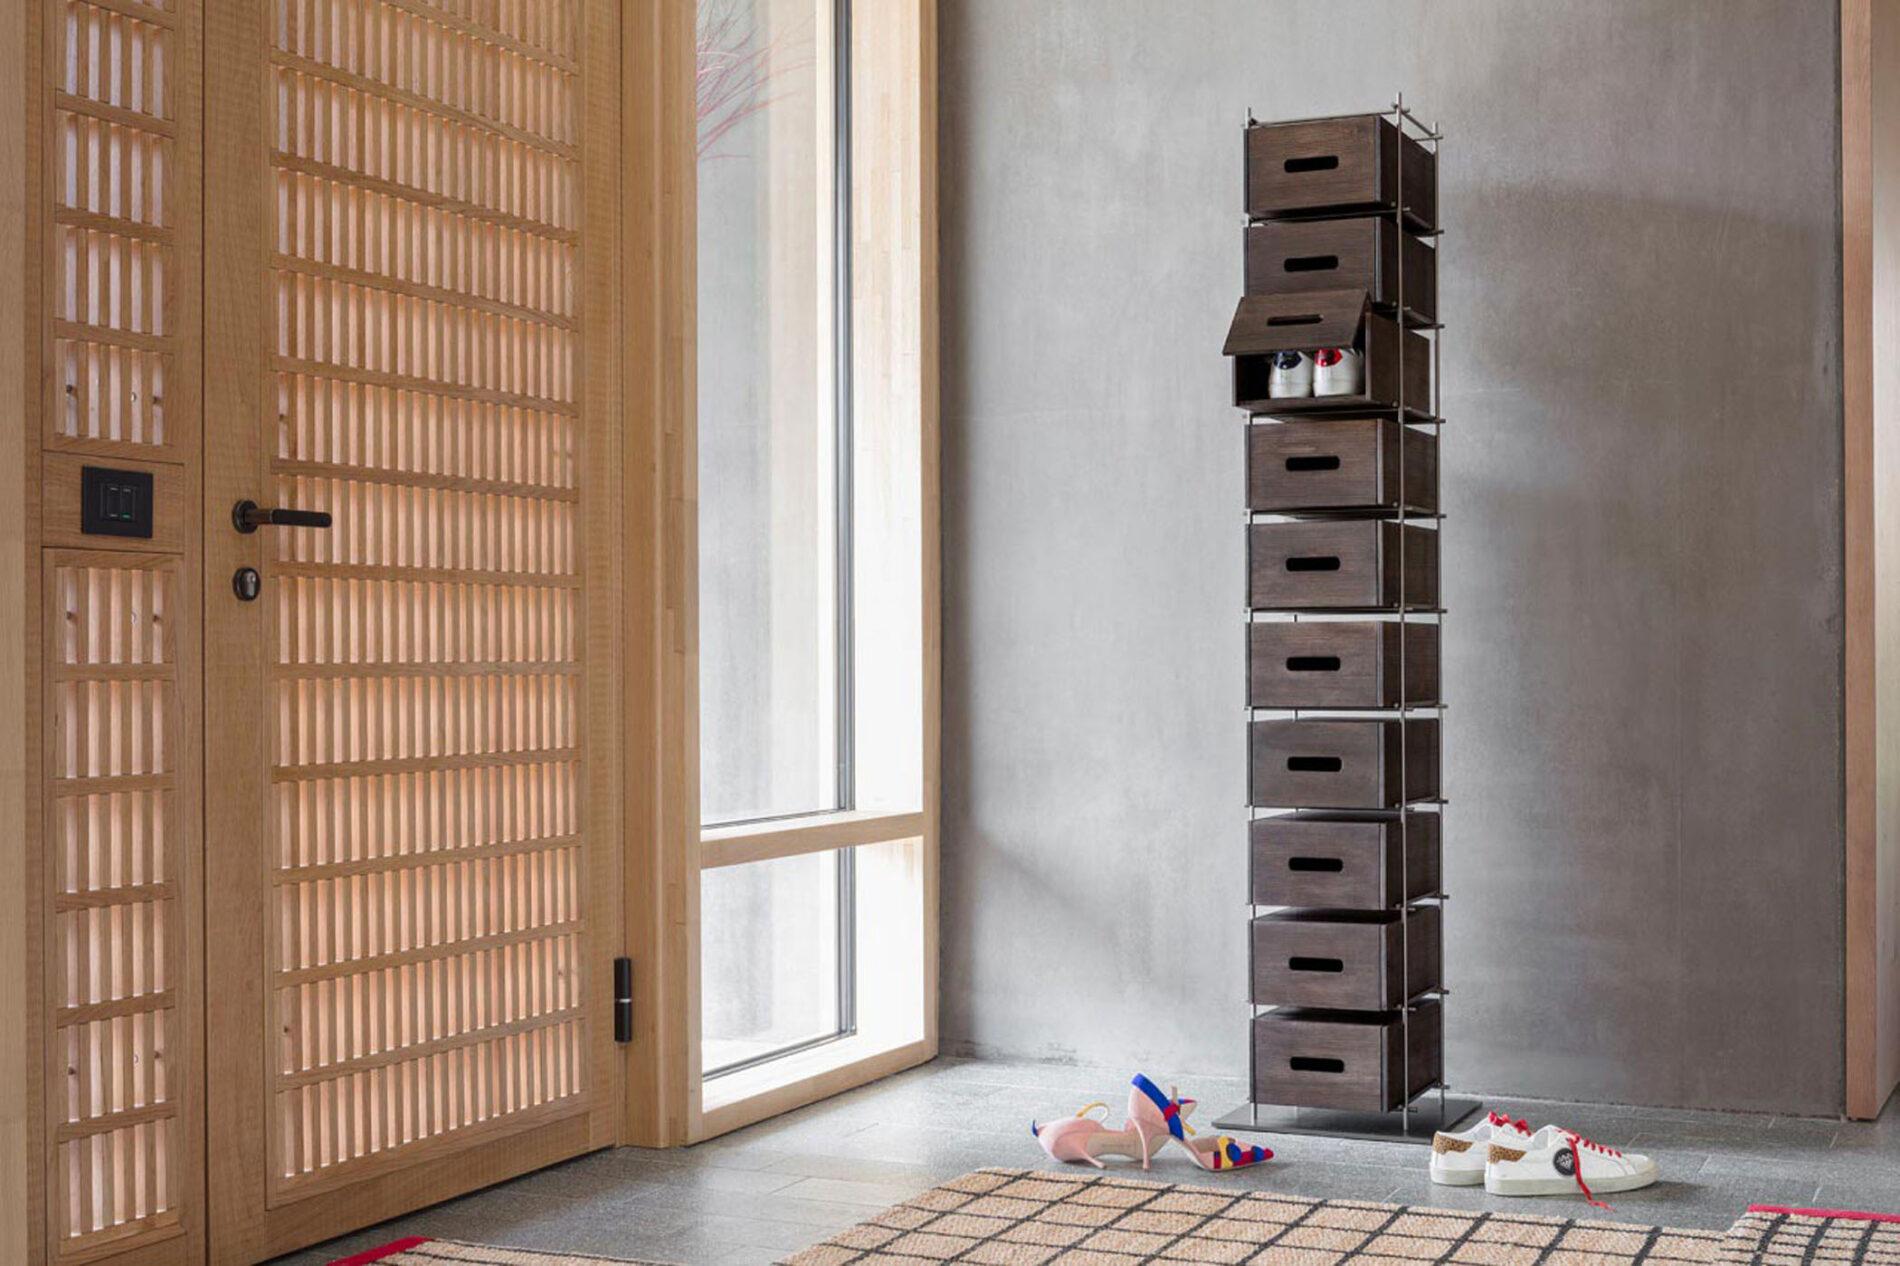 mogg storage manolo header 1280x853 1 - Progetti